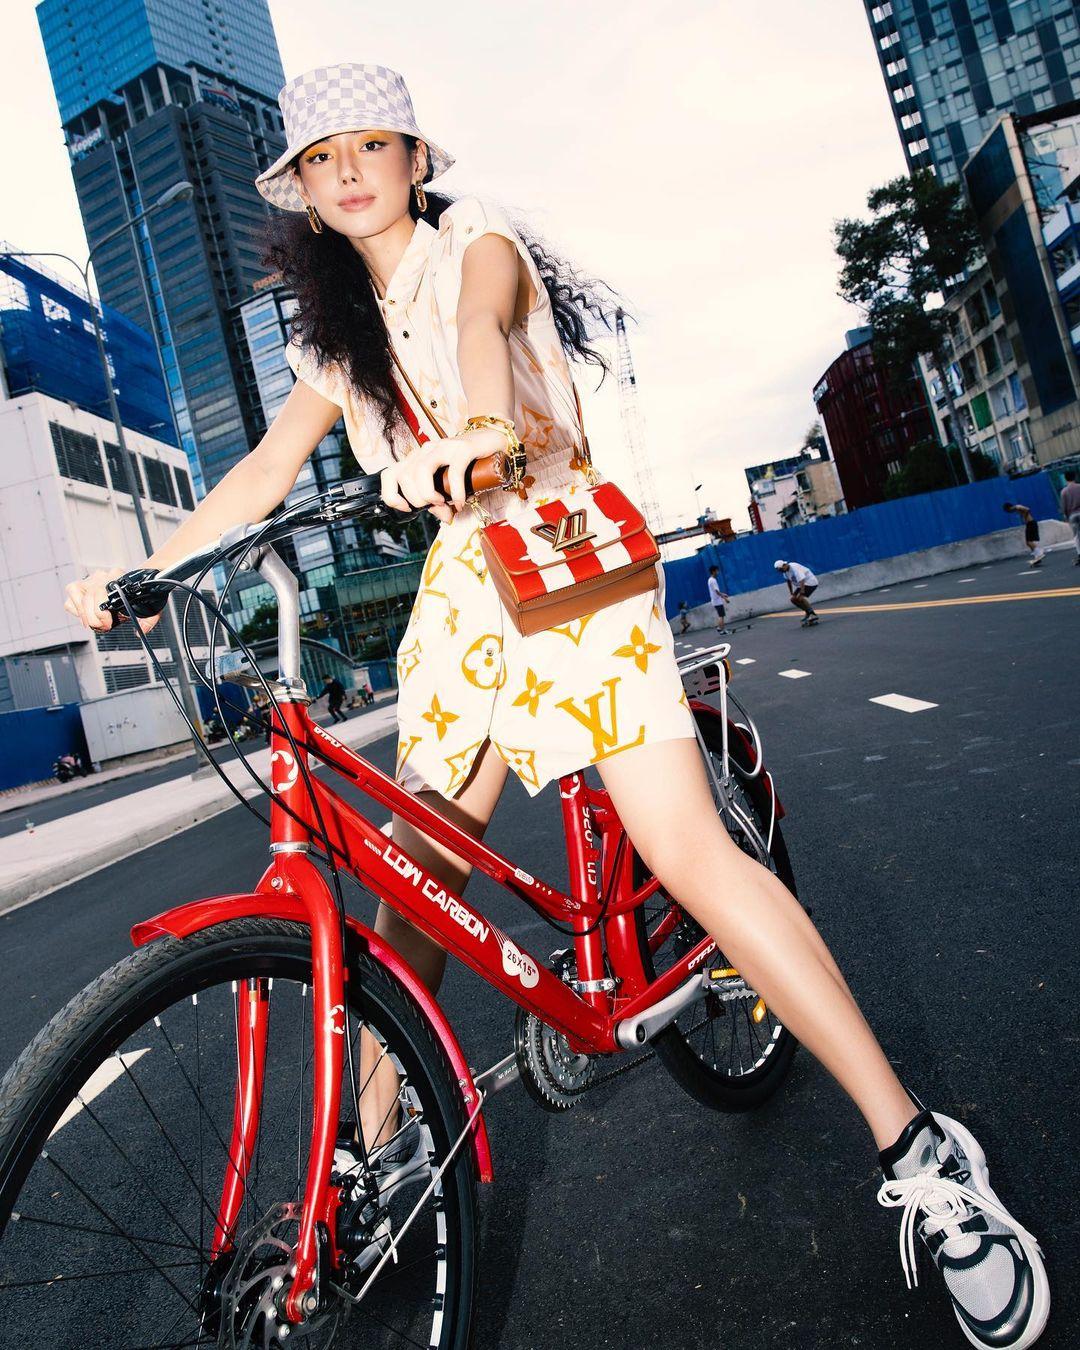 Fashionista gốc Hà thành chăm làm mới hình ảnh bản thân với đủ phong cách từ gợi cảm cho đến cá tính, nổi loạn.